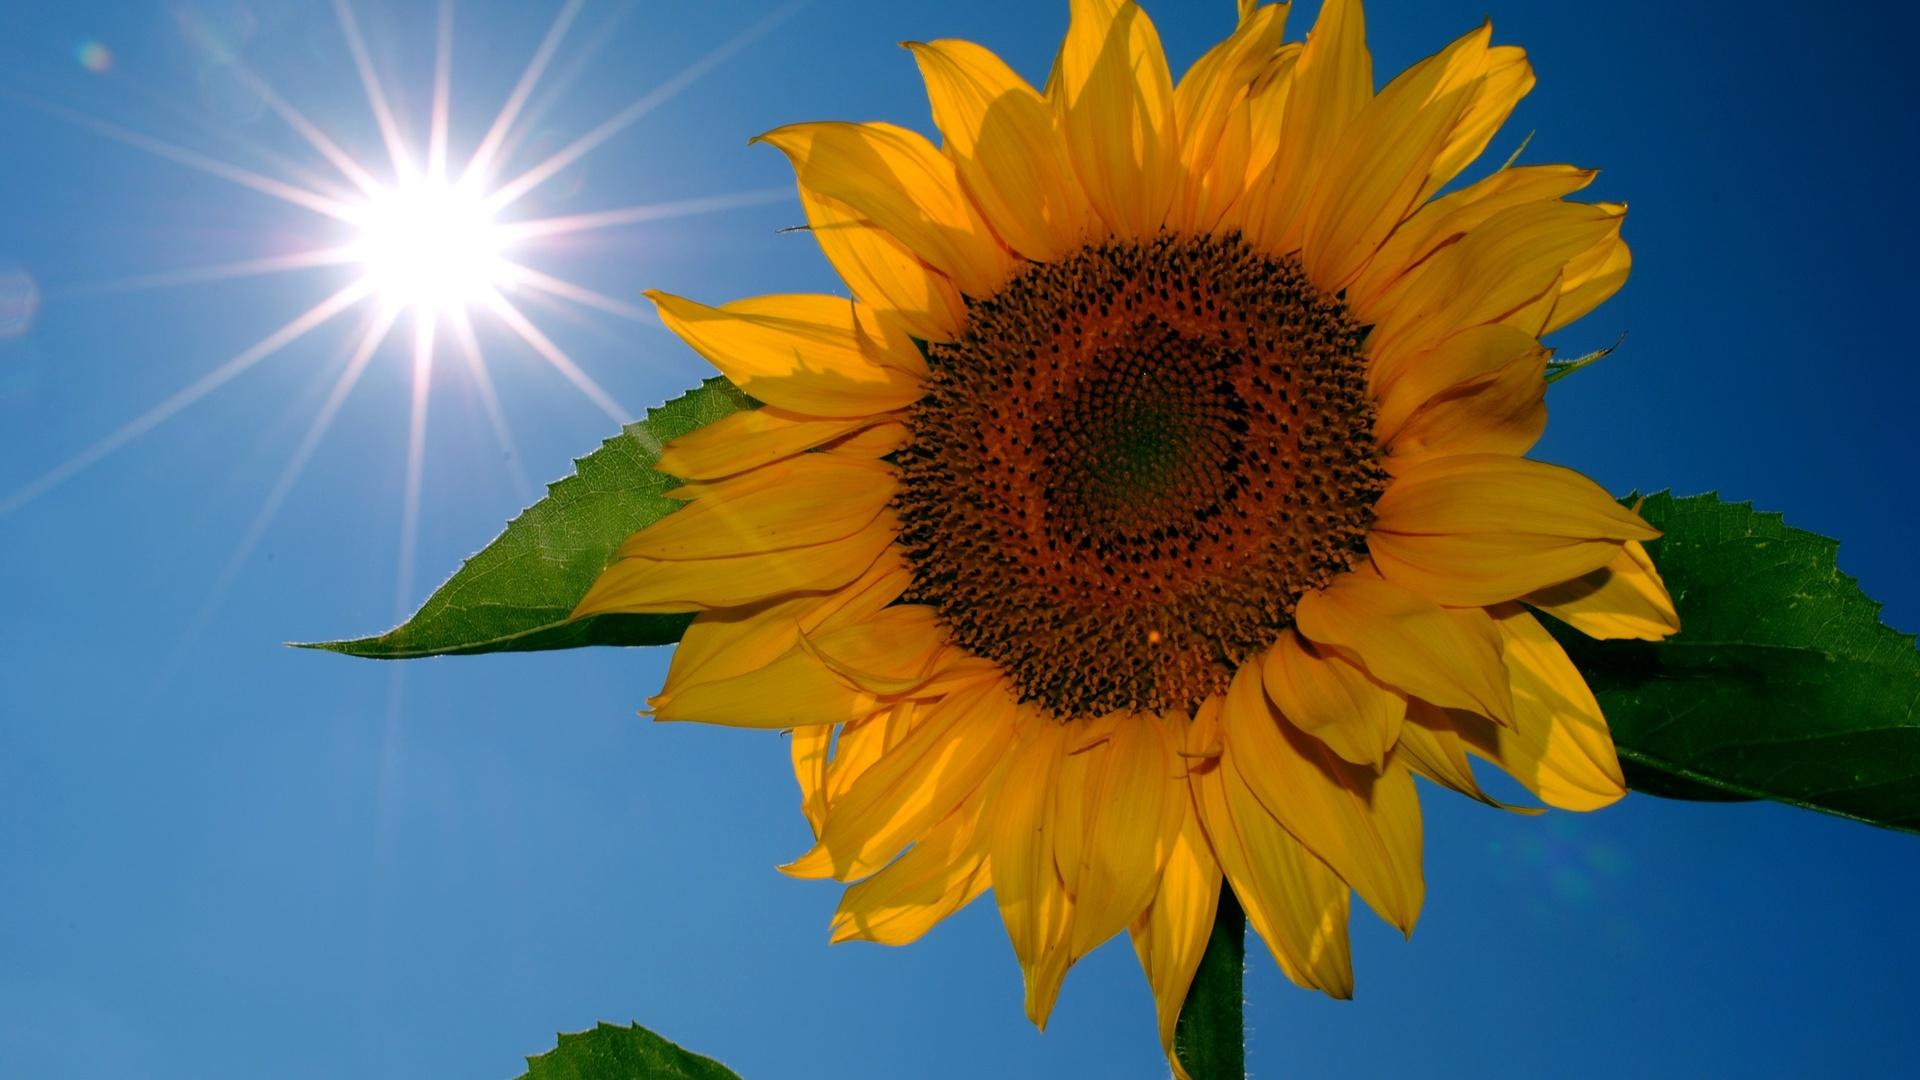 Картинка про, открытка солнце и цветы